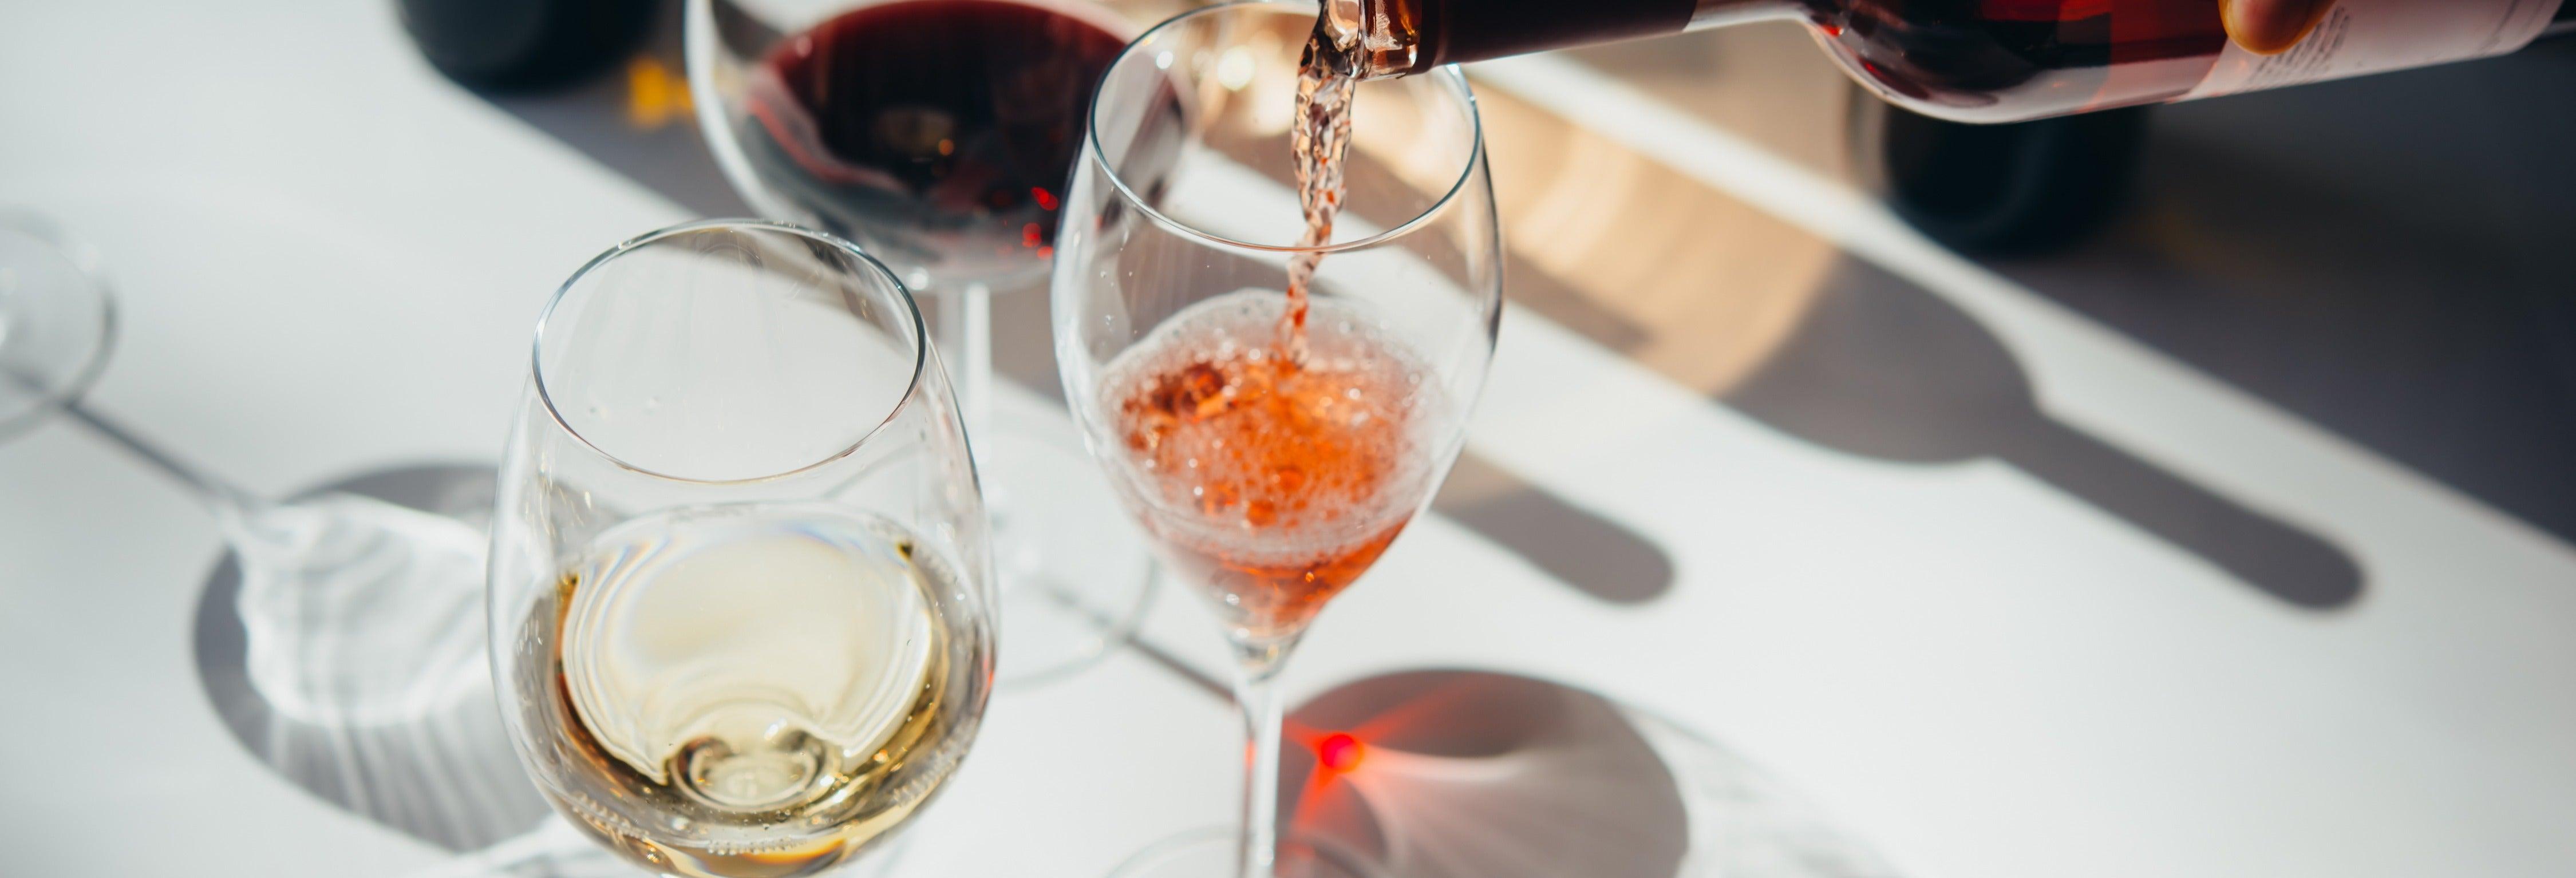 Cata de vinos en Trieste